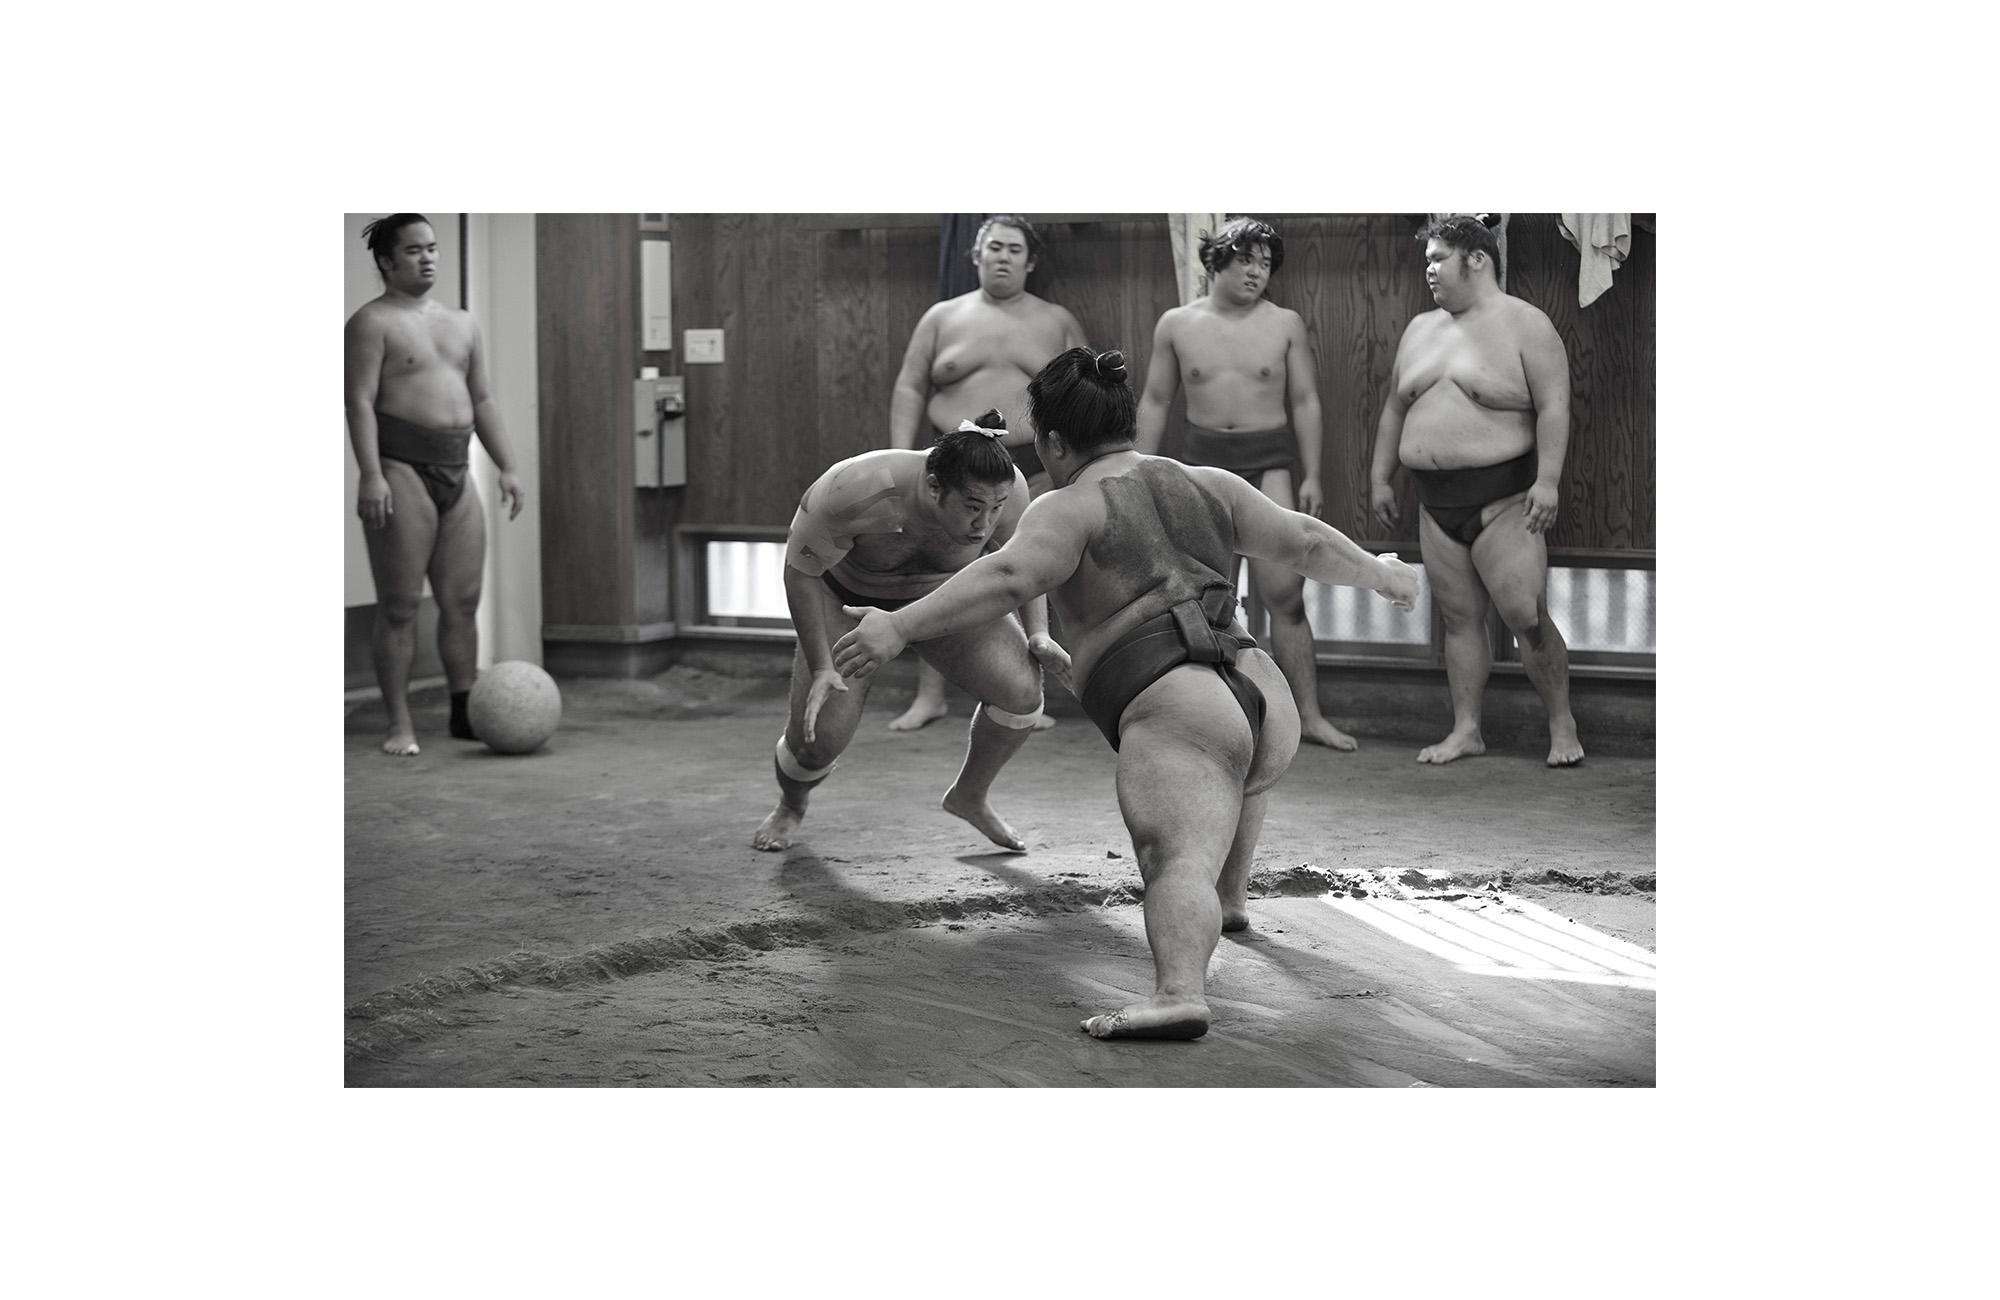 Sumo - 6 of 12